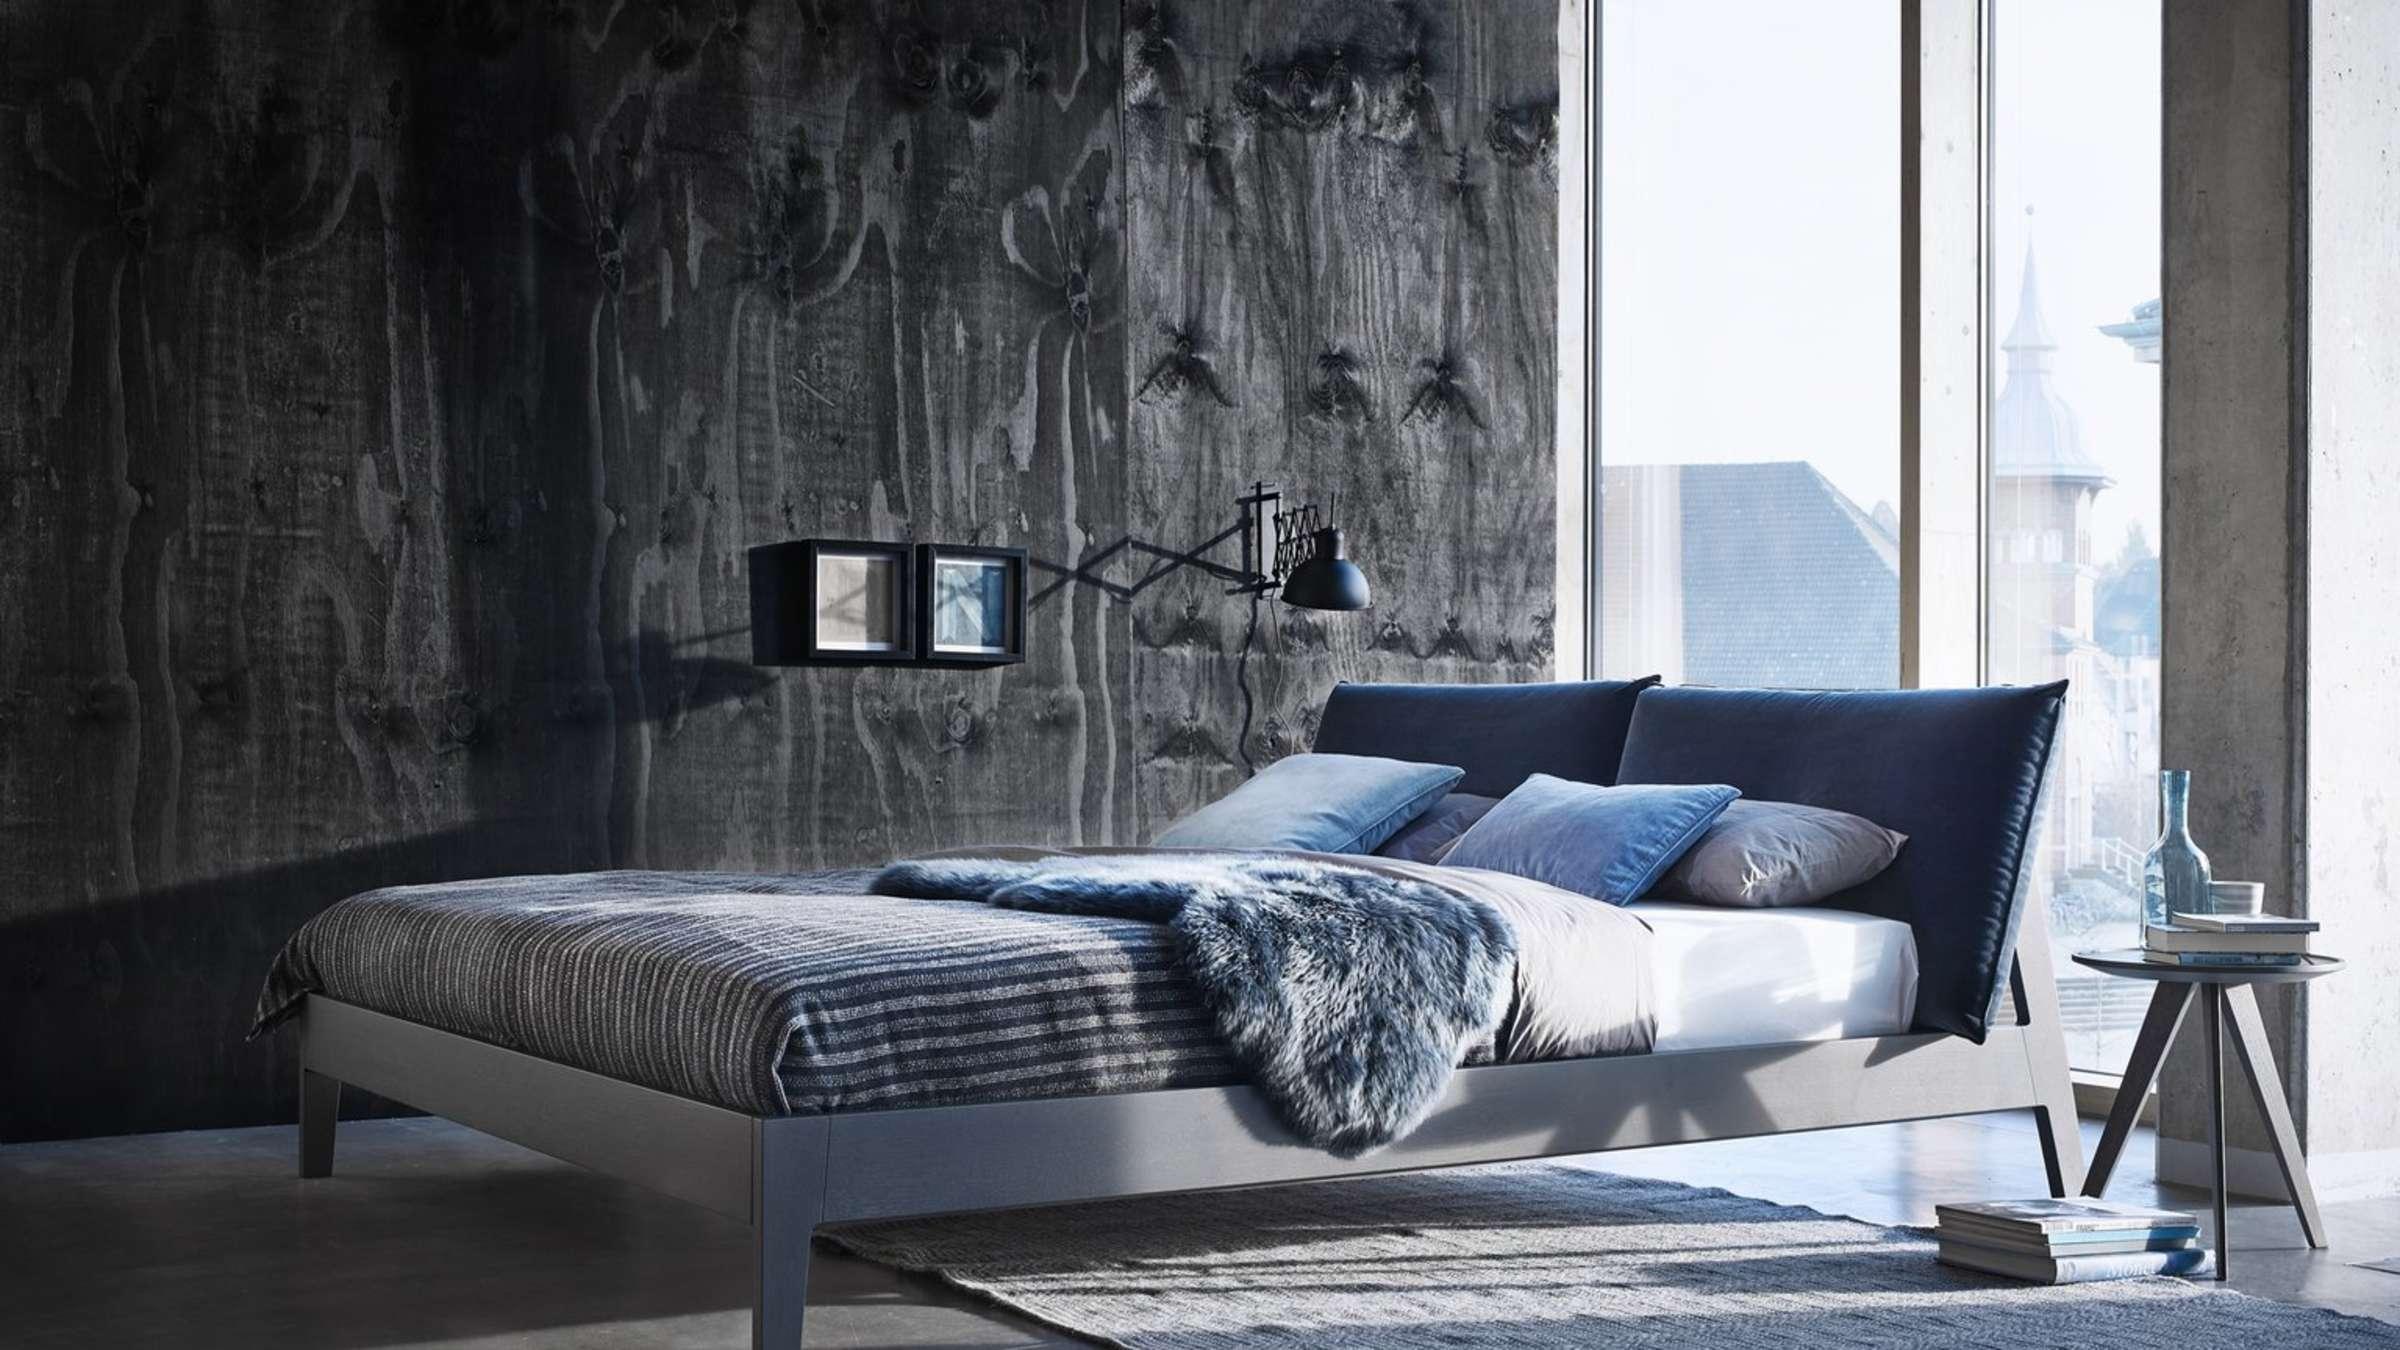 Kühle Farben im Schlafzimmer wirken beruhigend  Wohnen